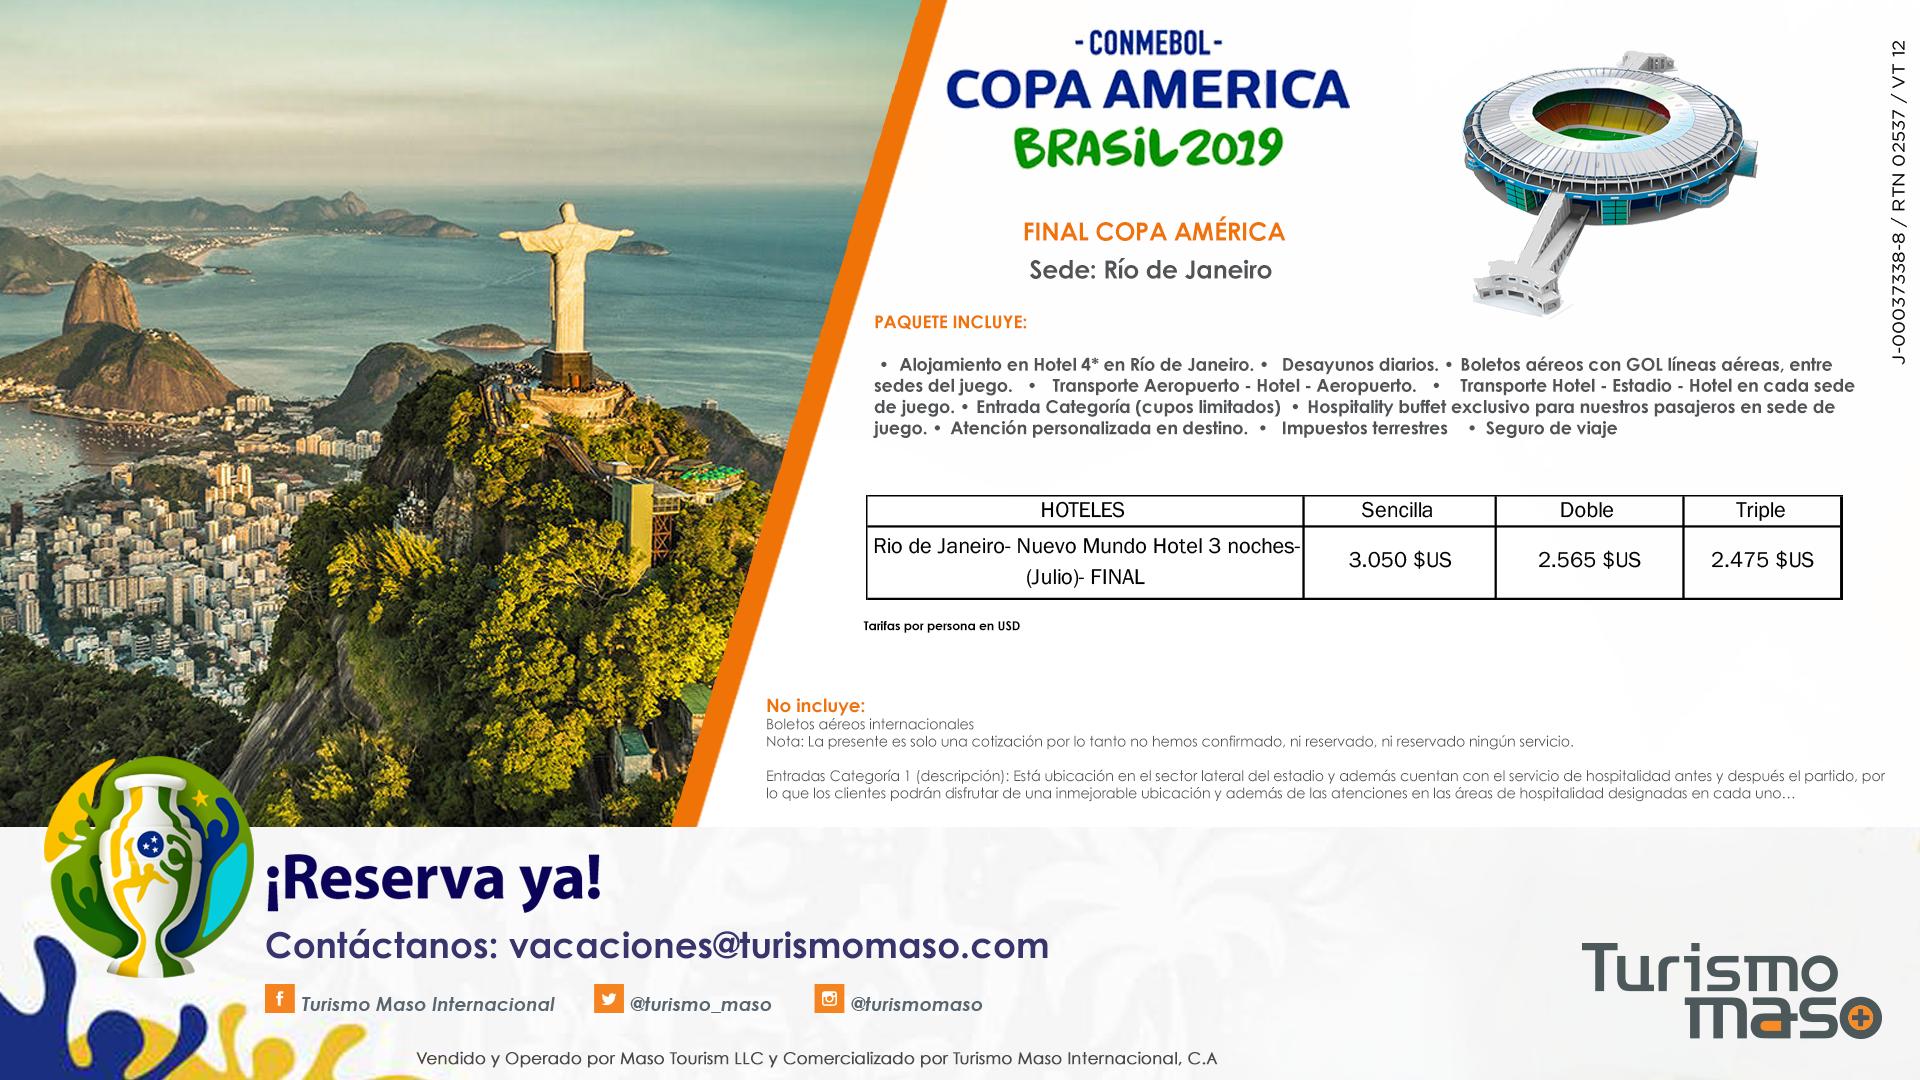 Final de Copa América y Turismo Maso